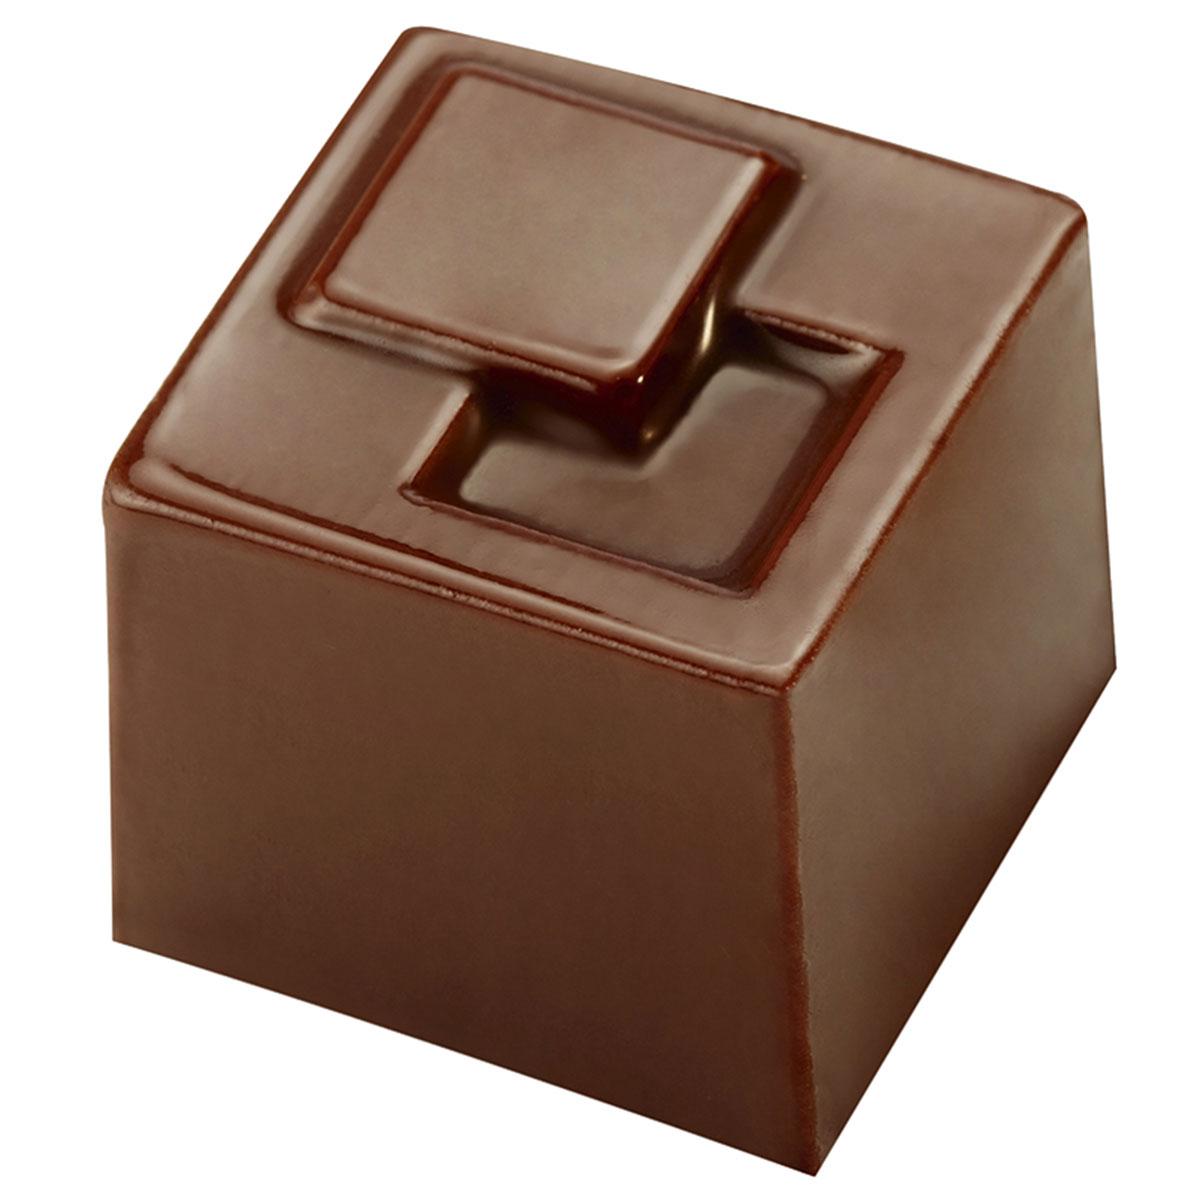 Image of   H. W. Larsen chokoladeform - Pavoni - Model 8PC13